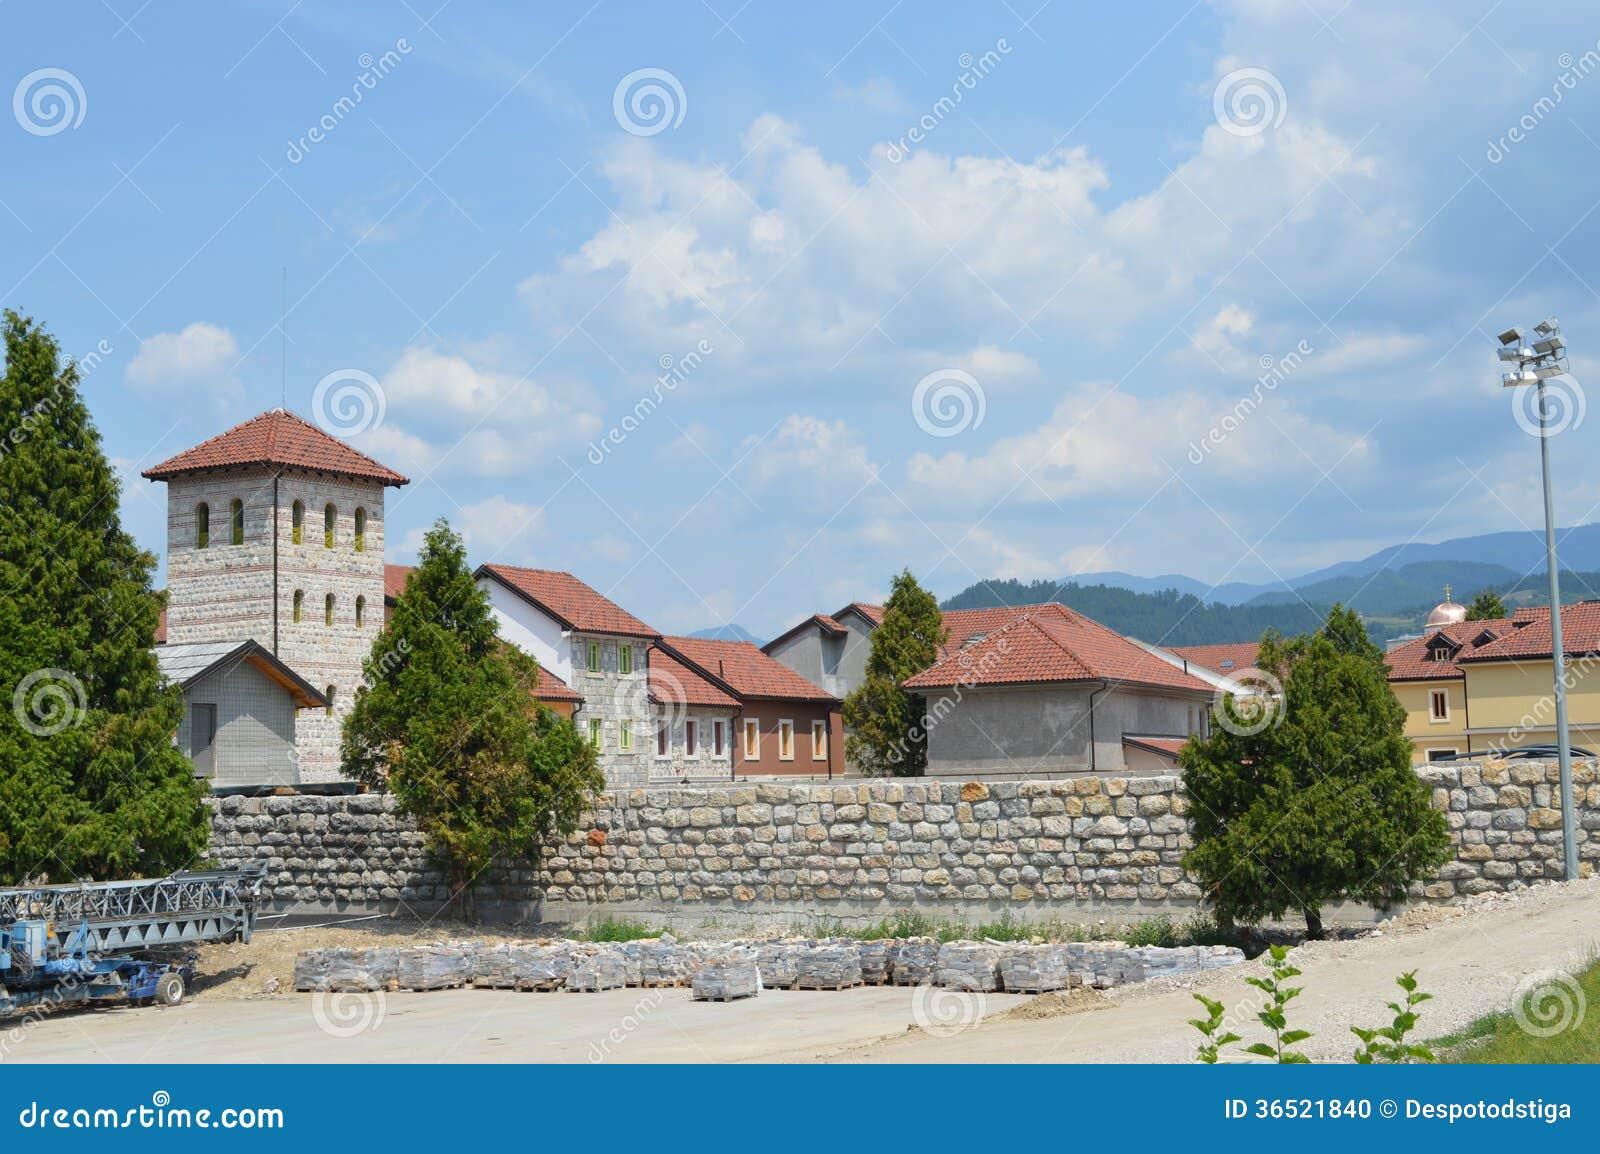 andric stadt von visegrad bosnien und herzegowina stockfoto bild 36521840. Black Bedroom Furniture Sets. Home Design Ideas